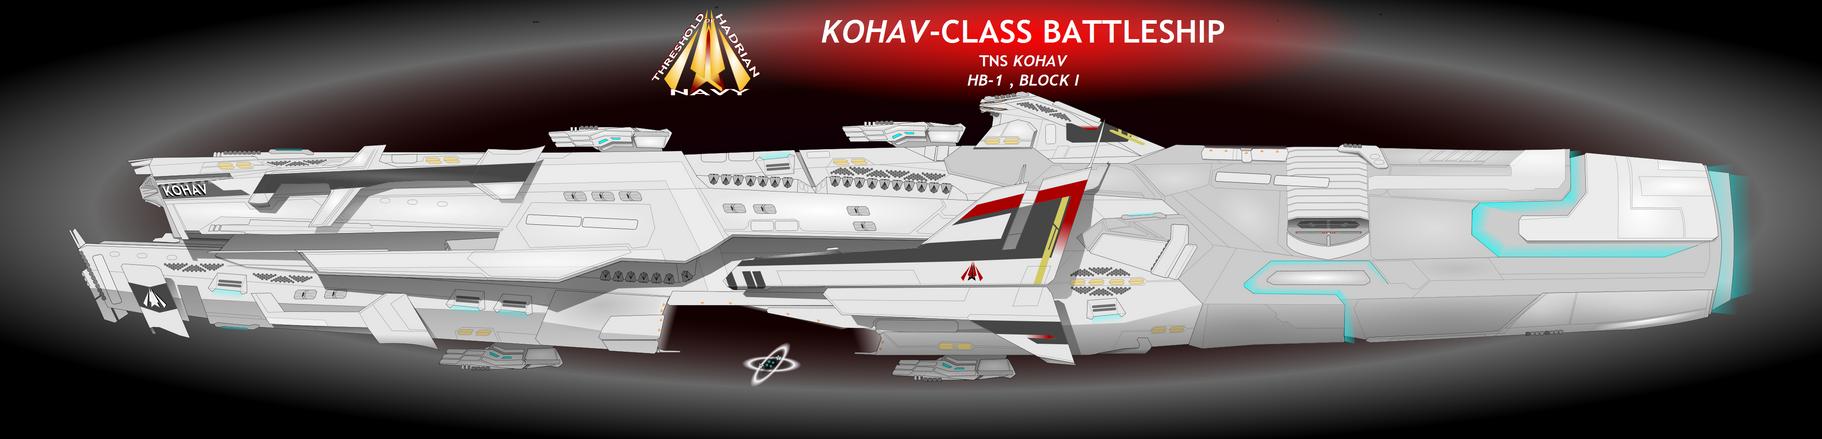 Kohav-Class Battleship by Afterskies